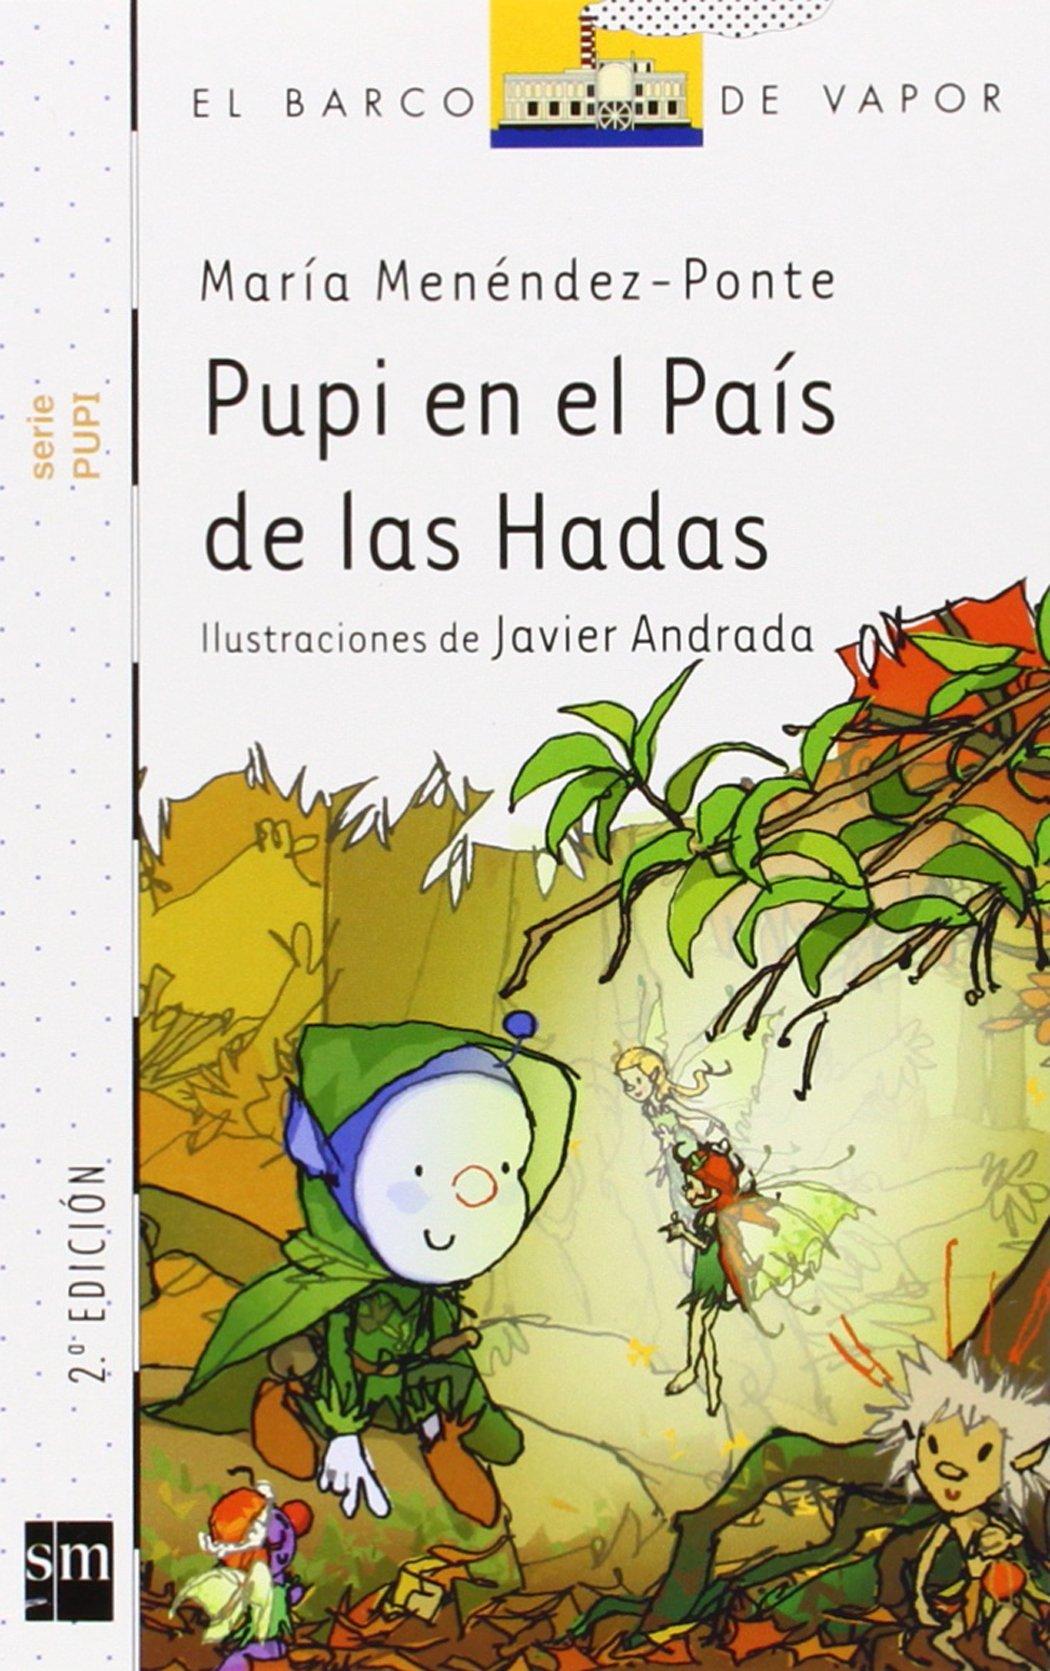 Pack Pompita (Barco de Vapor Blanca): Amazon.es: Menéndez-Ponte, María, Andrada Guerrero, Javier: Libros